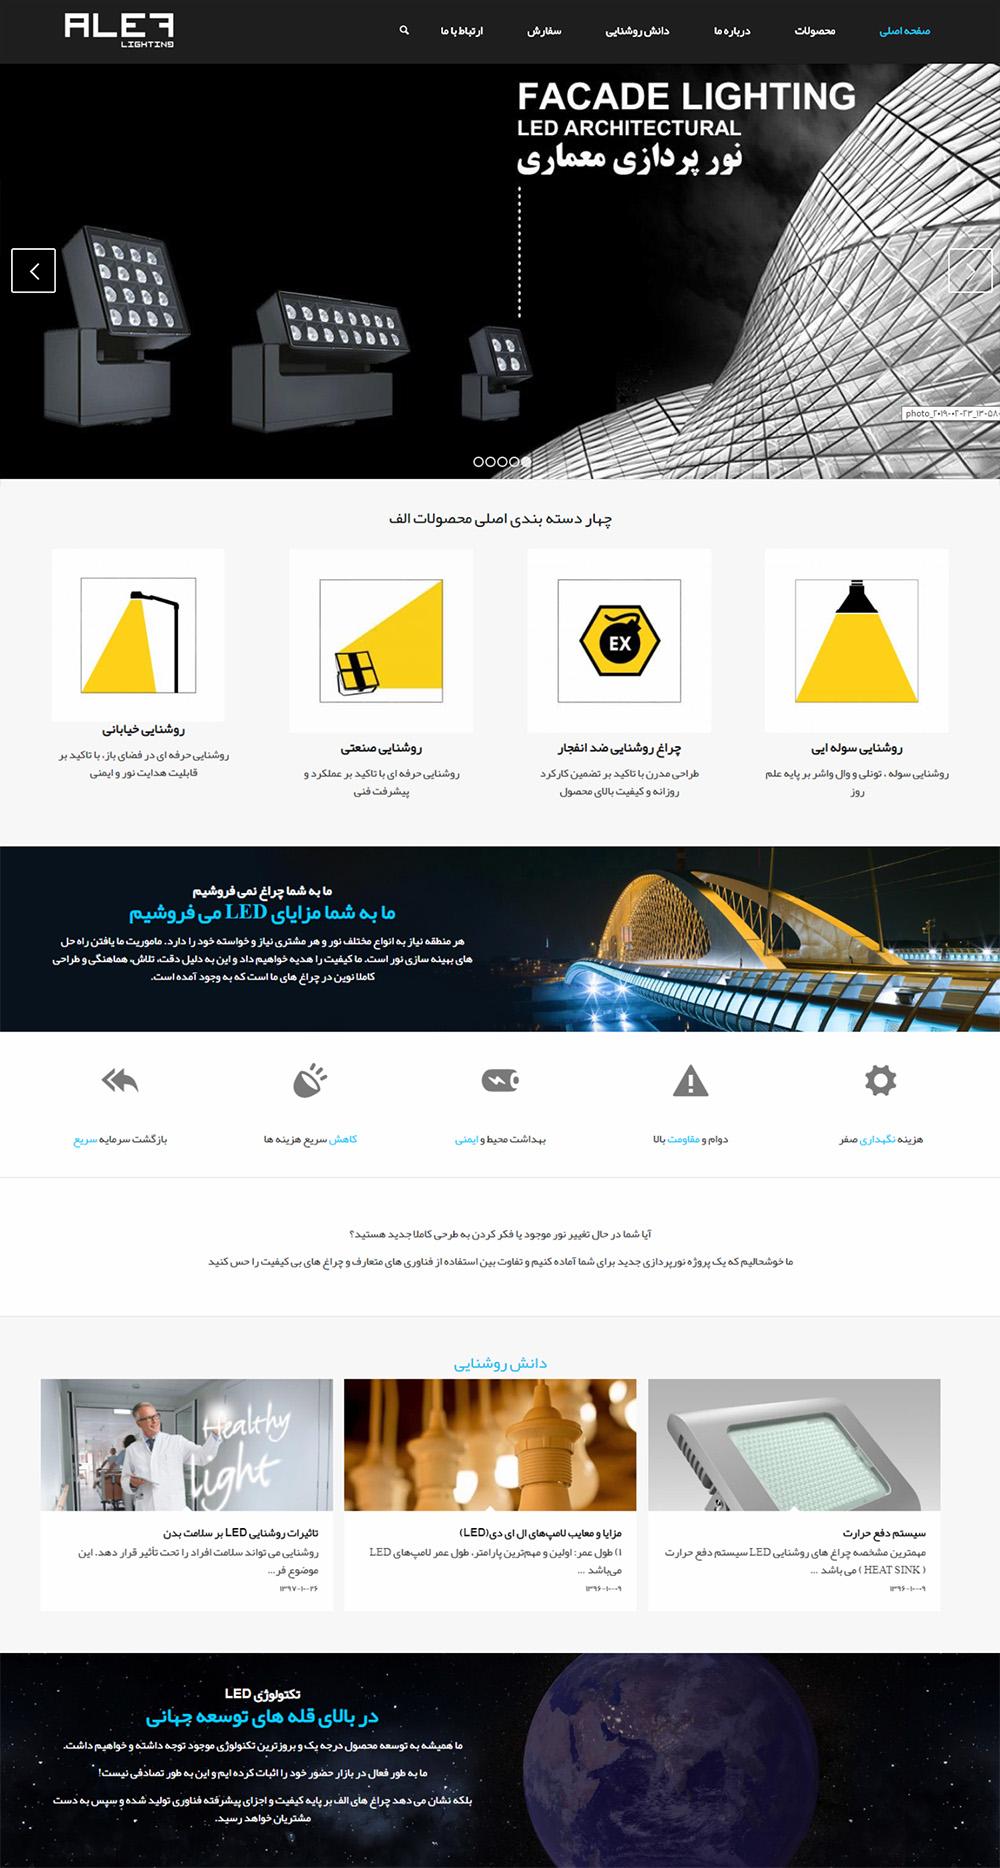 طراحی وب سایت صنایع روشنایی الف